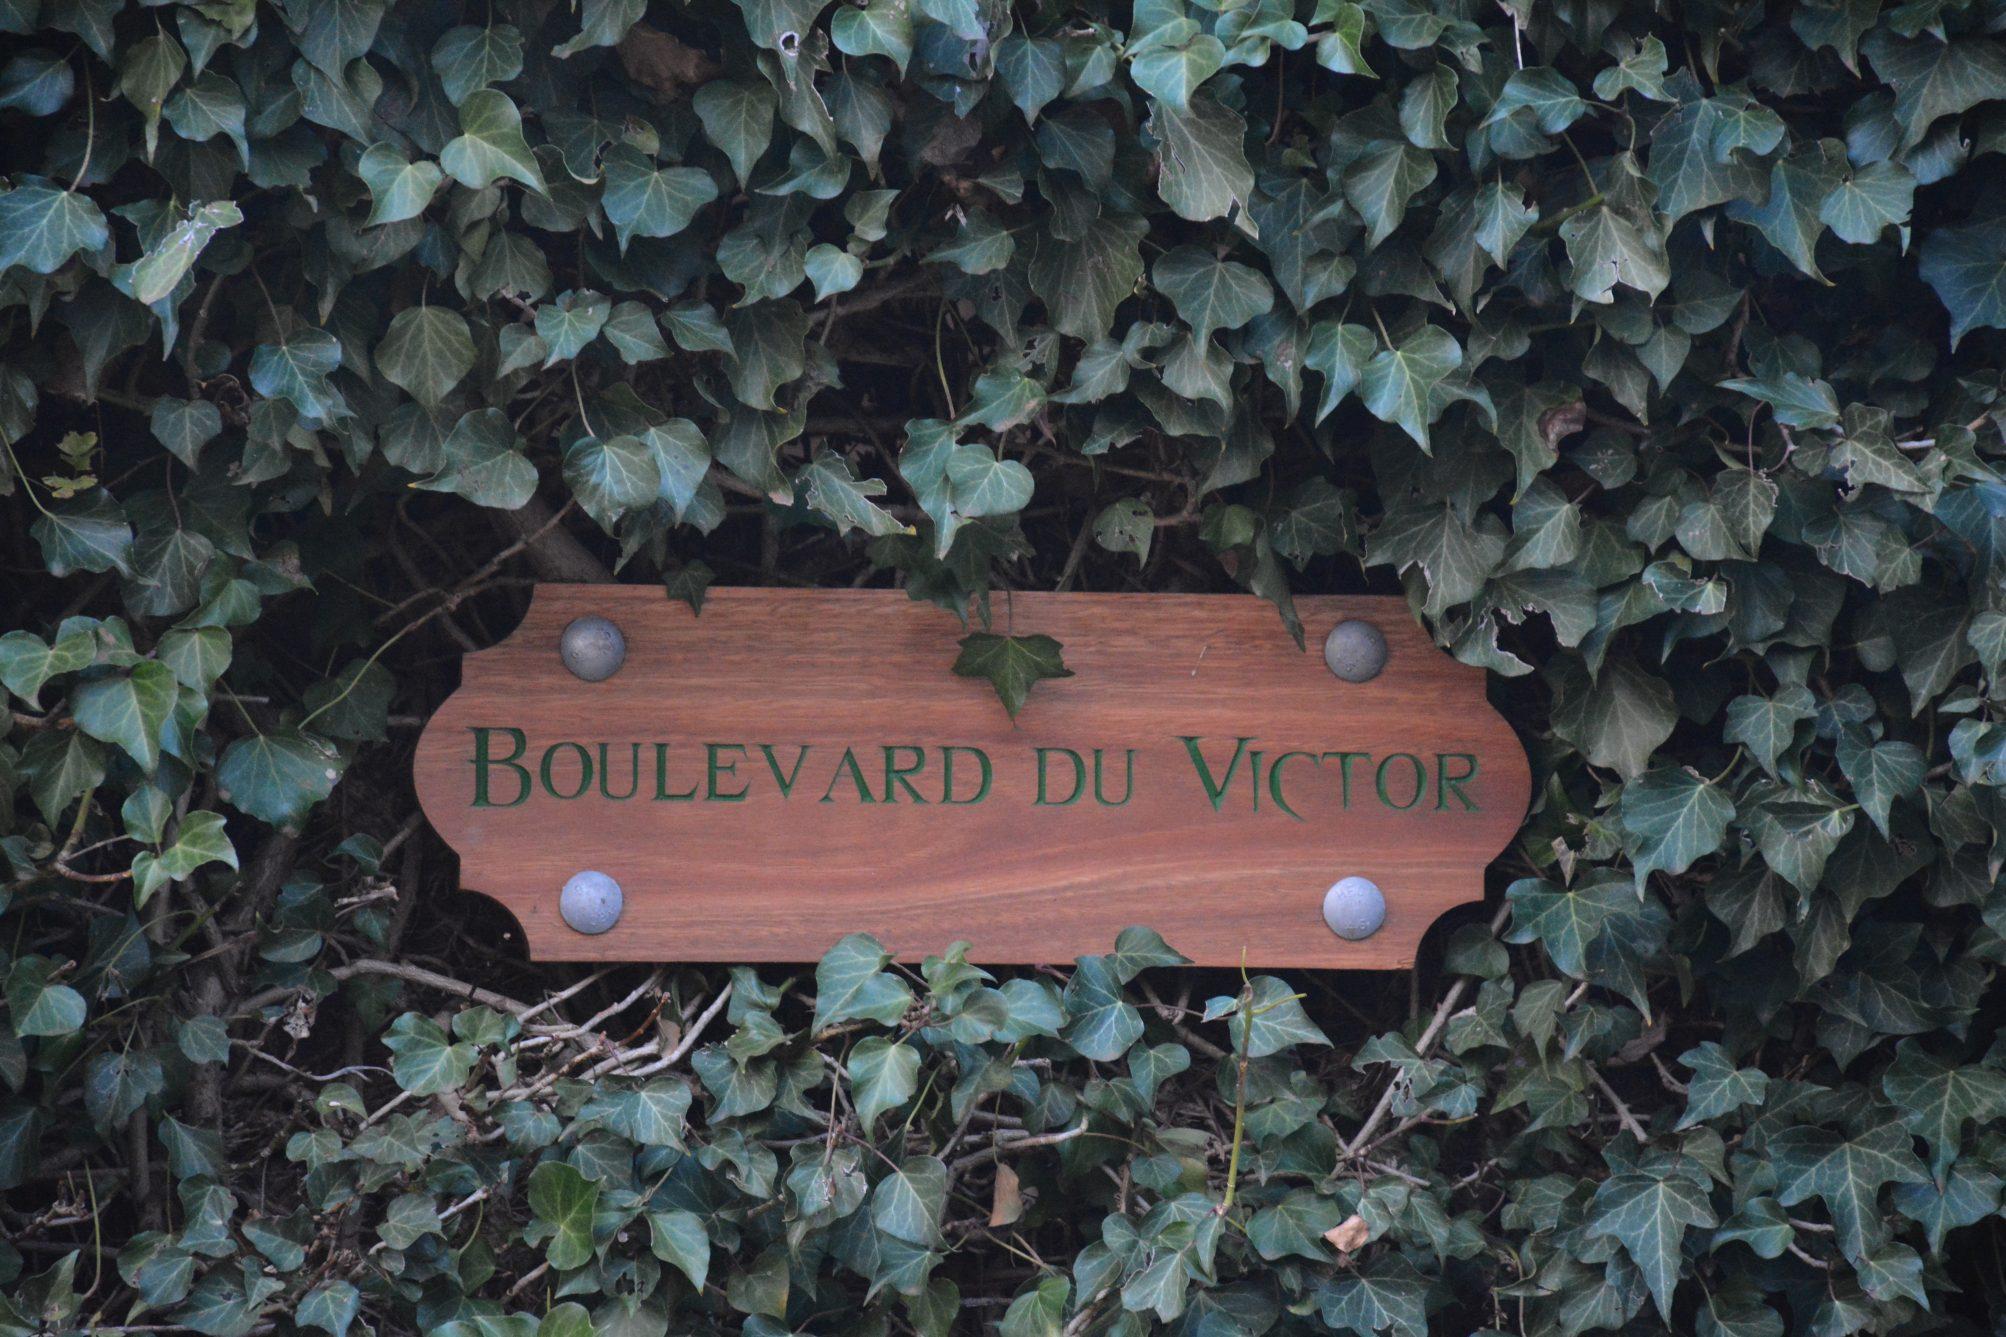 outdoor wooden plaques